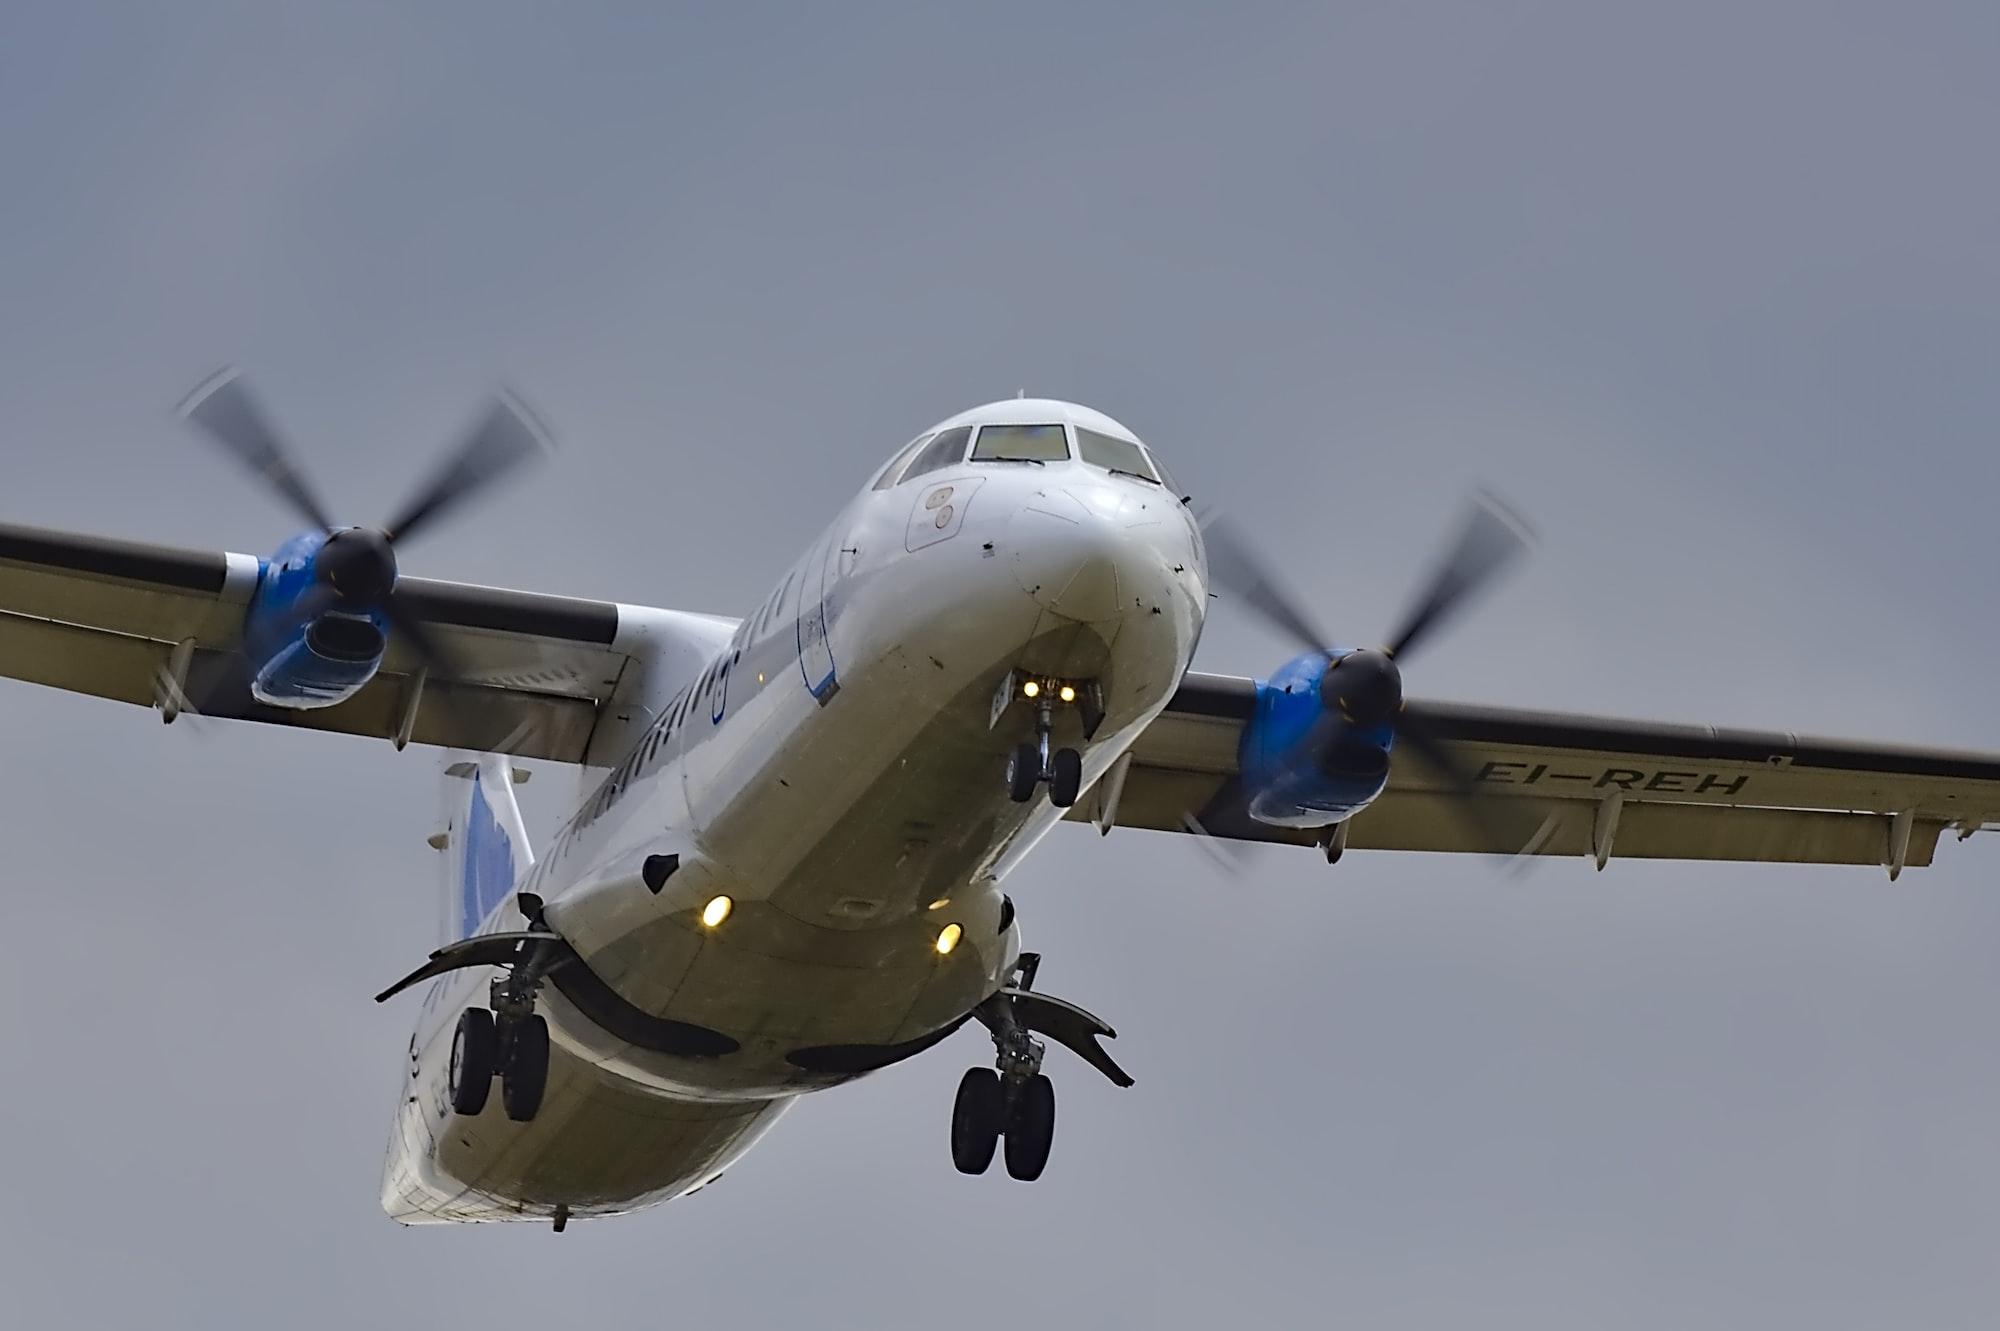 Aergo Capital announces the acquisition of four (4) ATR72